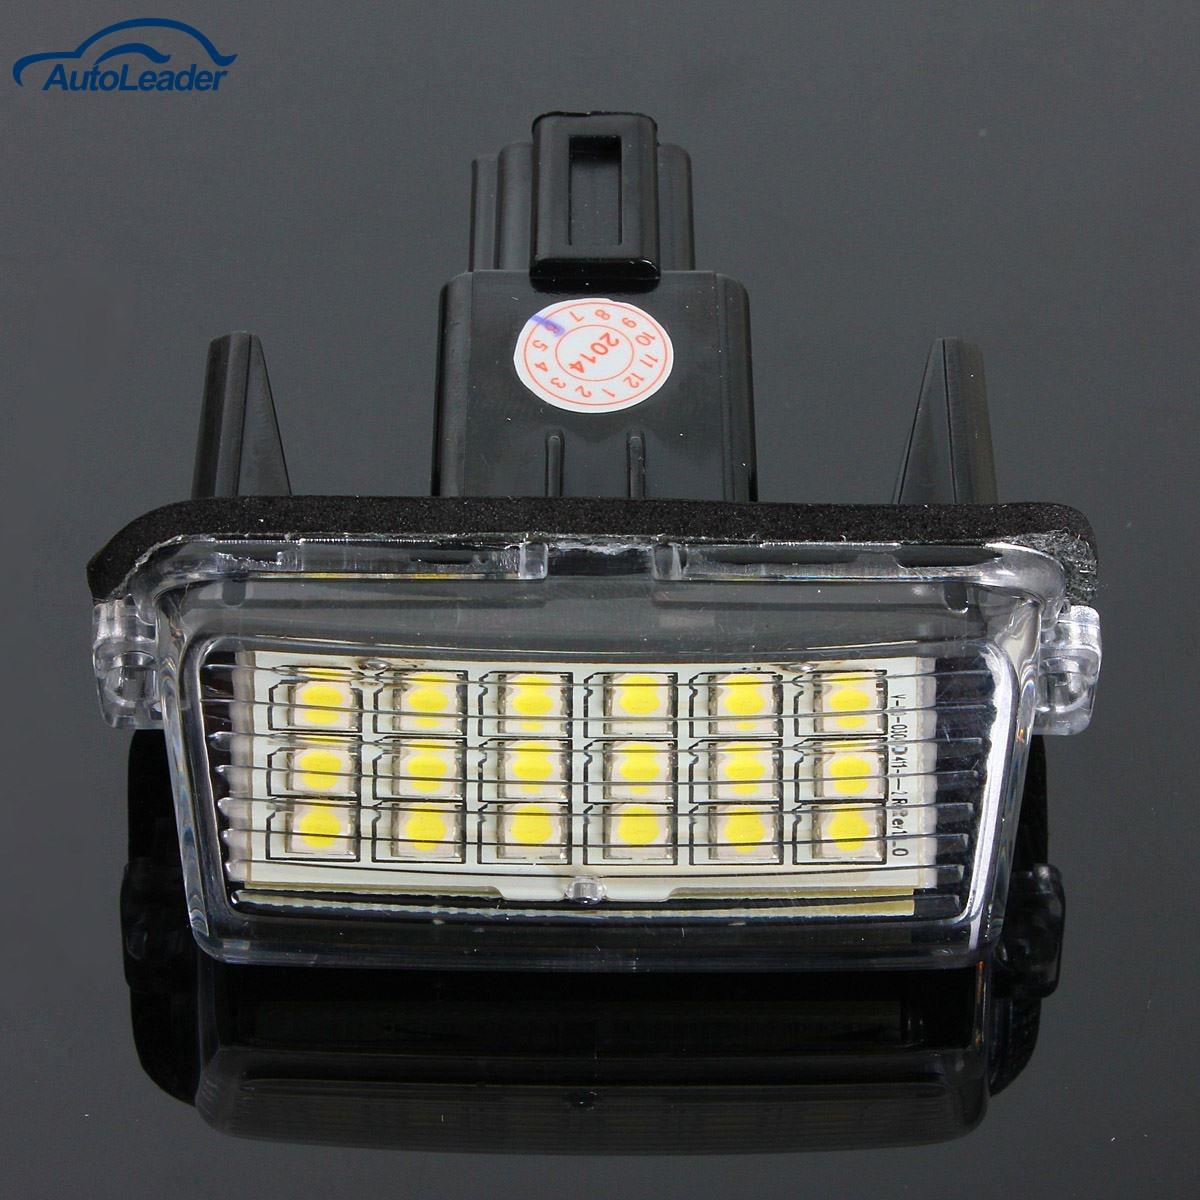 Безошибочным 2шт 12V 18 светодиодный 6000К номерной знак свет лампы для Toyota/Камри/Ярис/Форд/гибрид